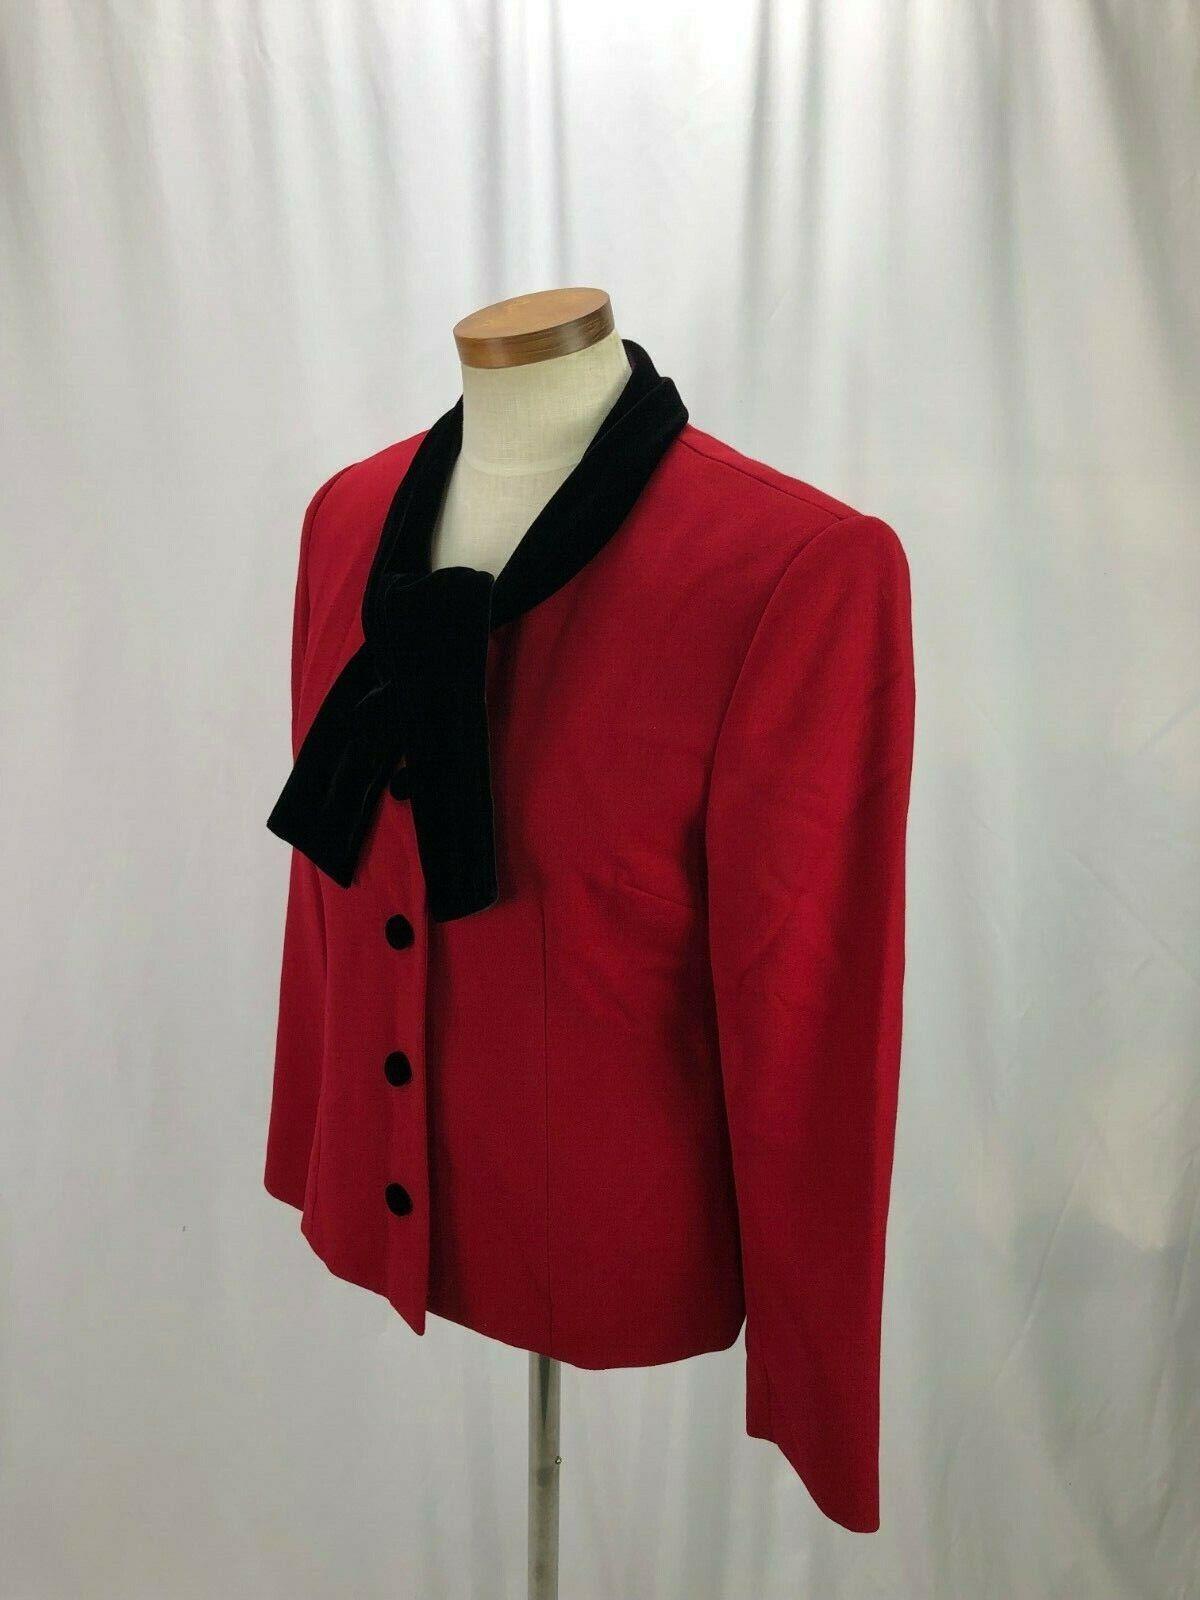 Talbots Women's Red Wool Blazer Velvet Collar 6 - image 3